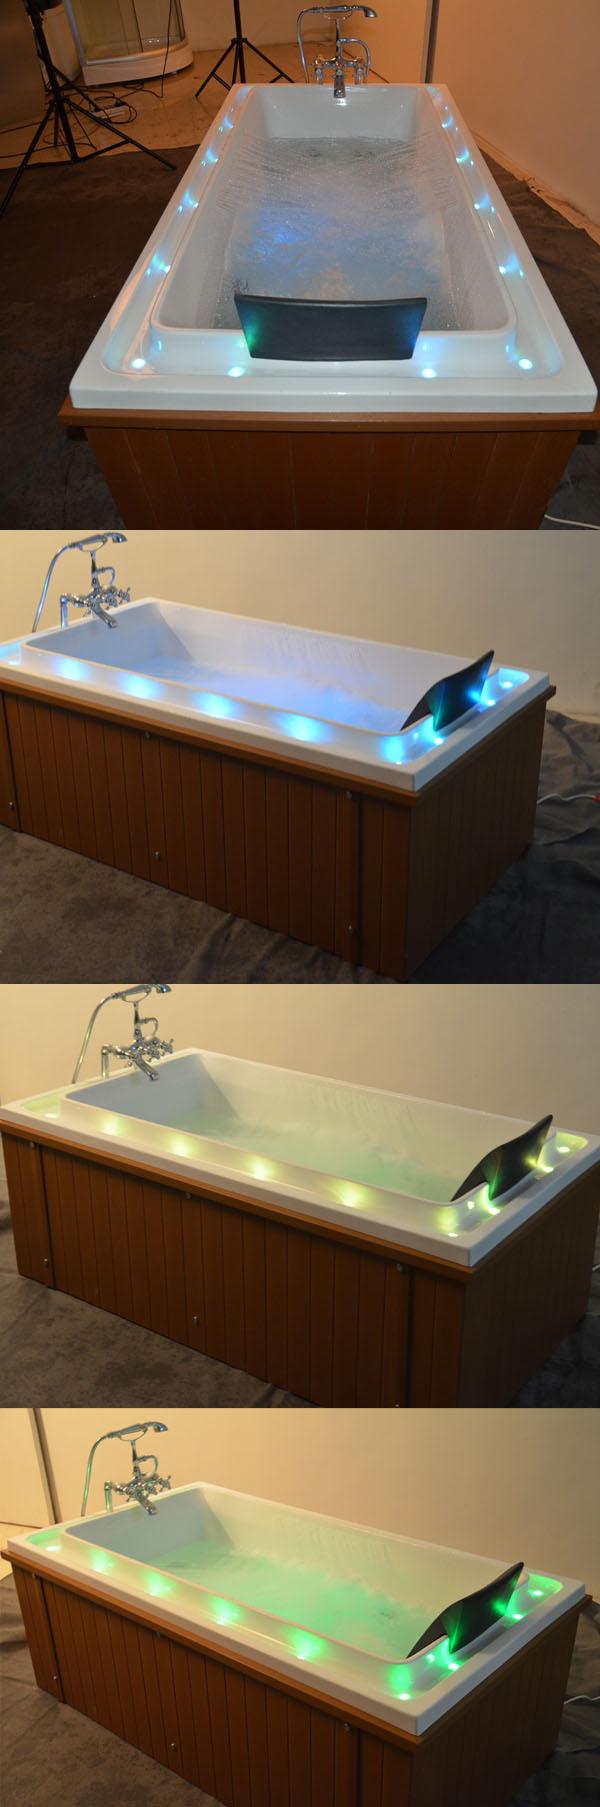 hs b209 soft tub whirlpool bathtub whirlpool waterfall faucet pool bathtub buy soft tub. Black Bedroom Furniture Sets. Home Design Ideas